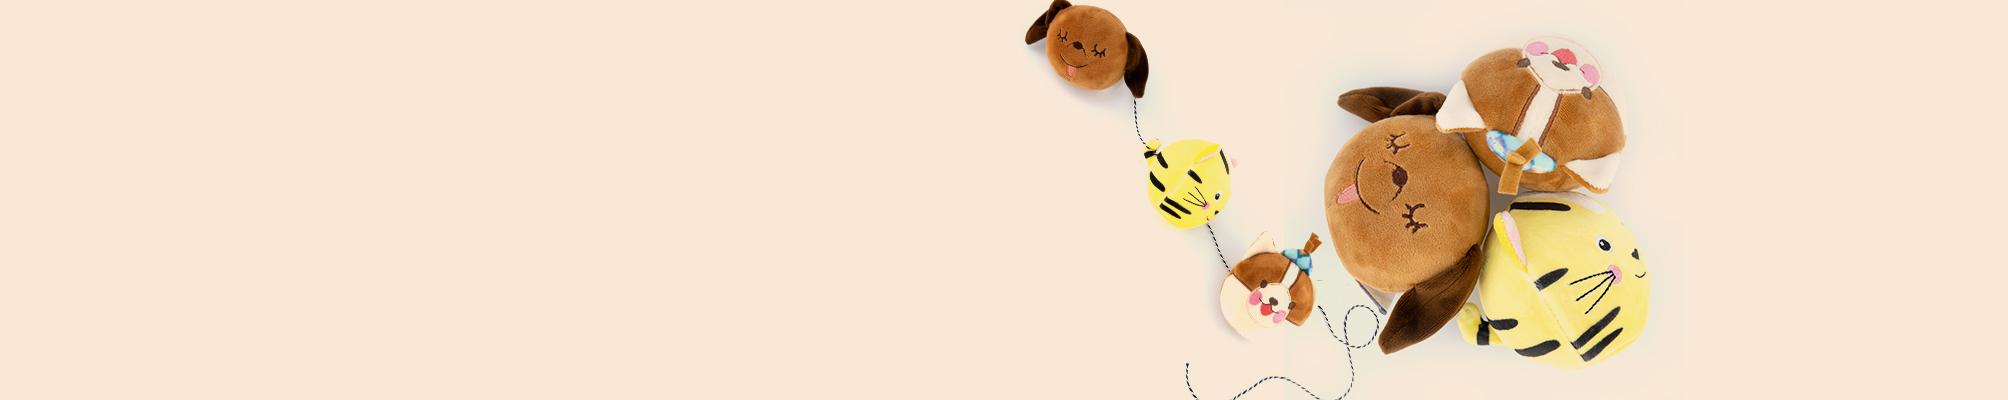 poppen en knuffels - Herobanner - HEMA